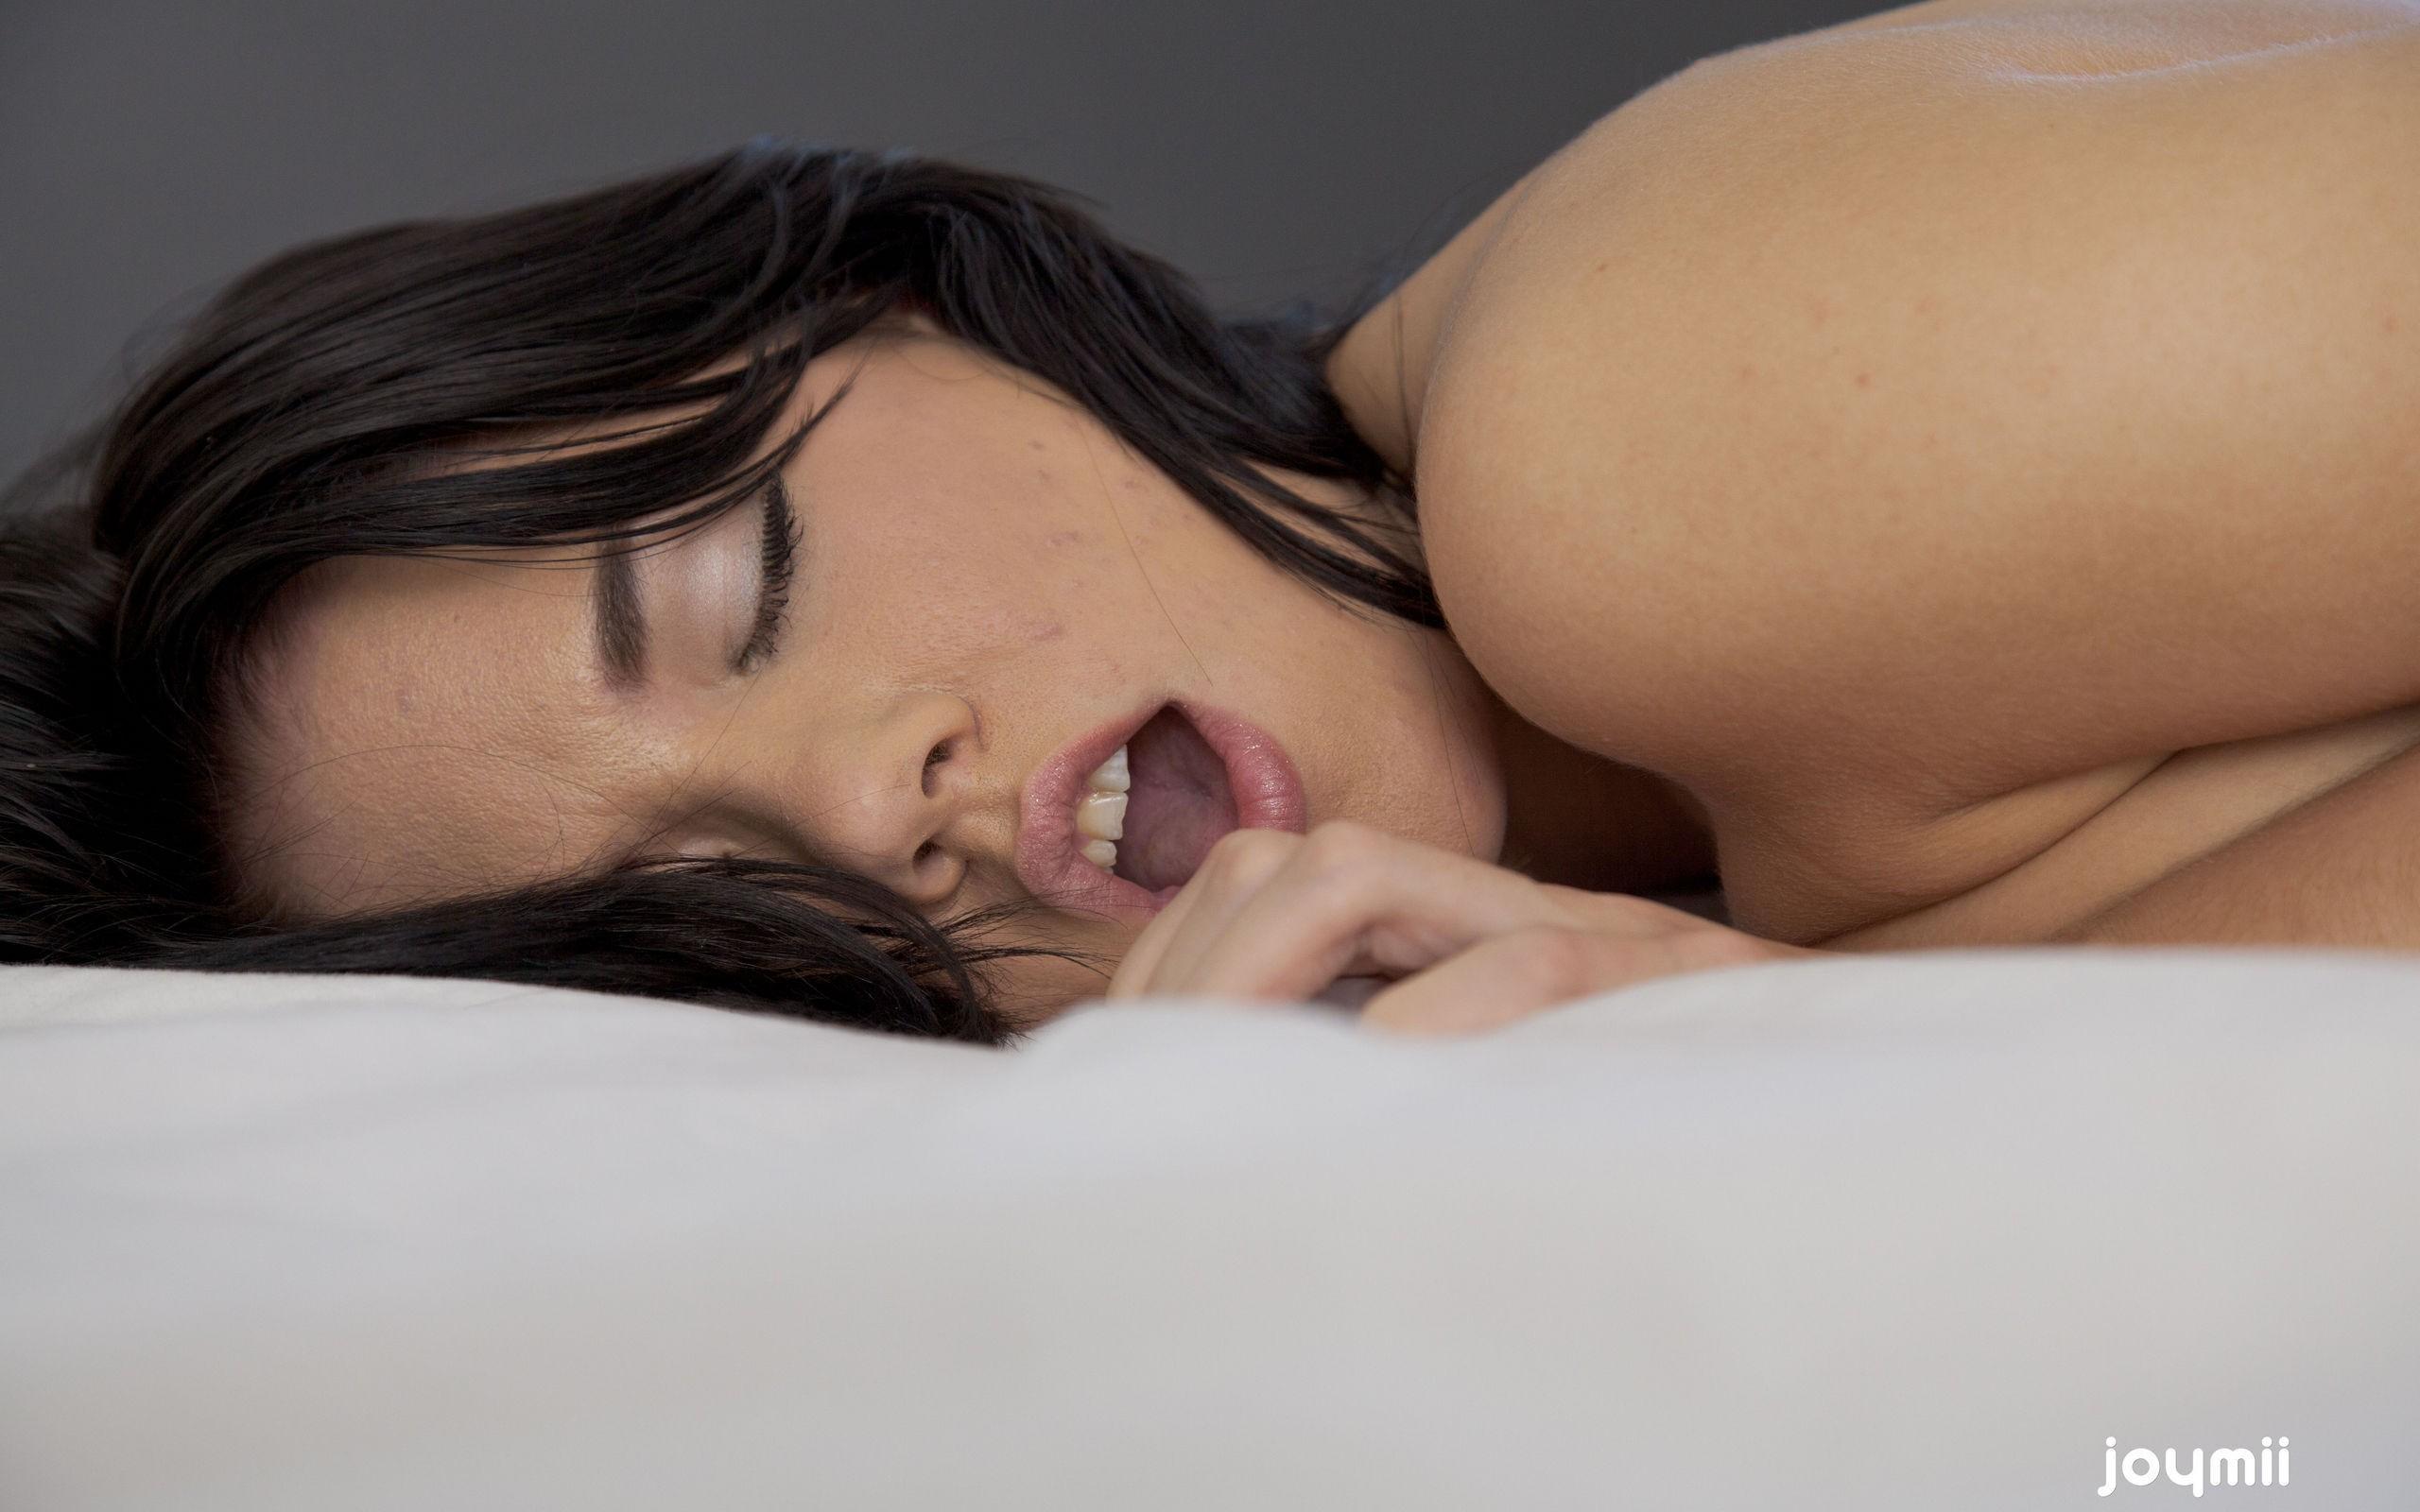 Фото девушки в оргазме 16 фотография